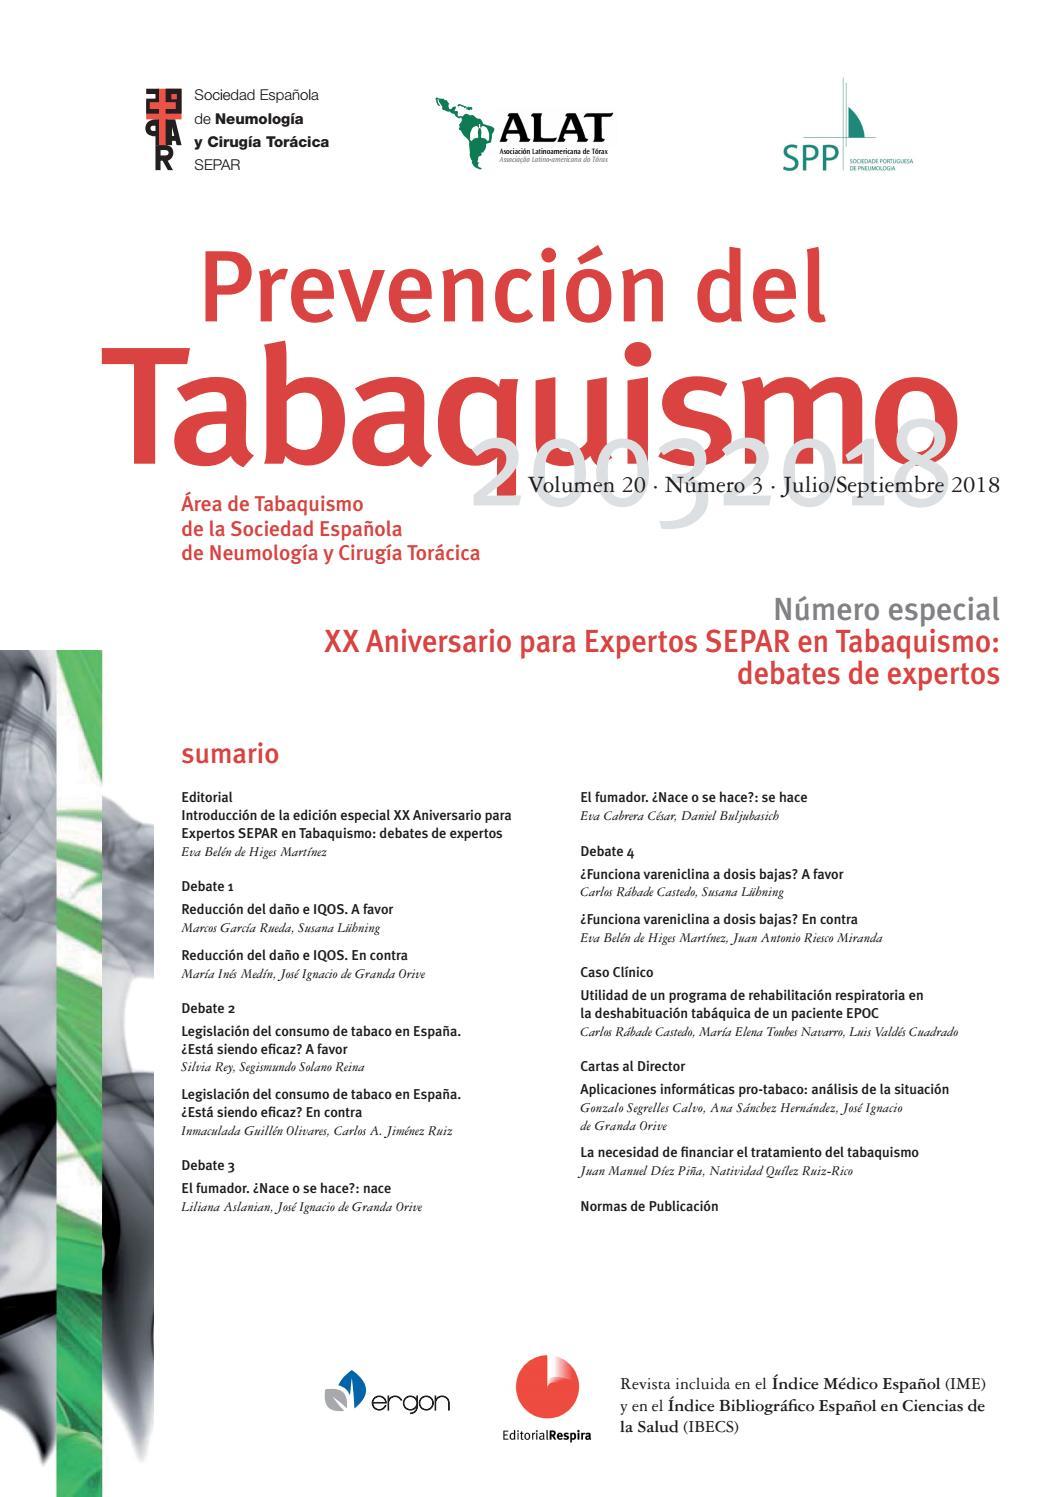 Revista Prevención del tabaquismo julio-septiembre 2018 by SEPAR - issuu